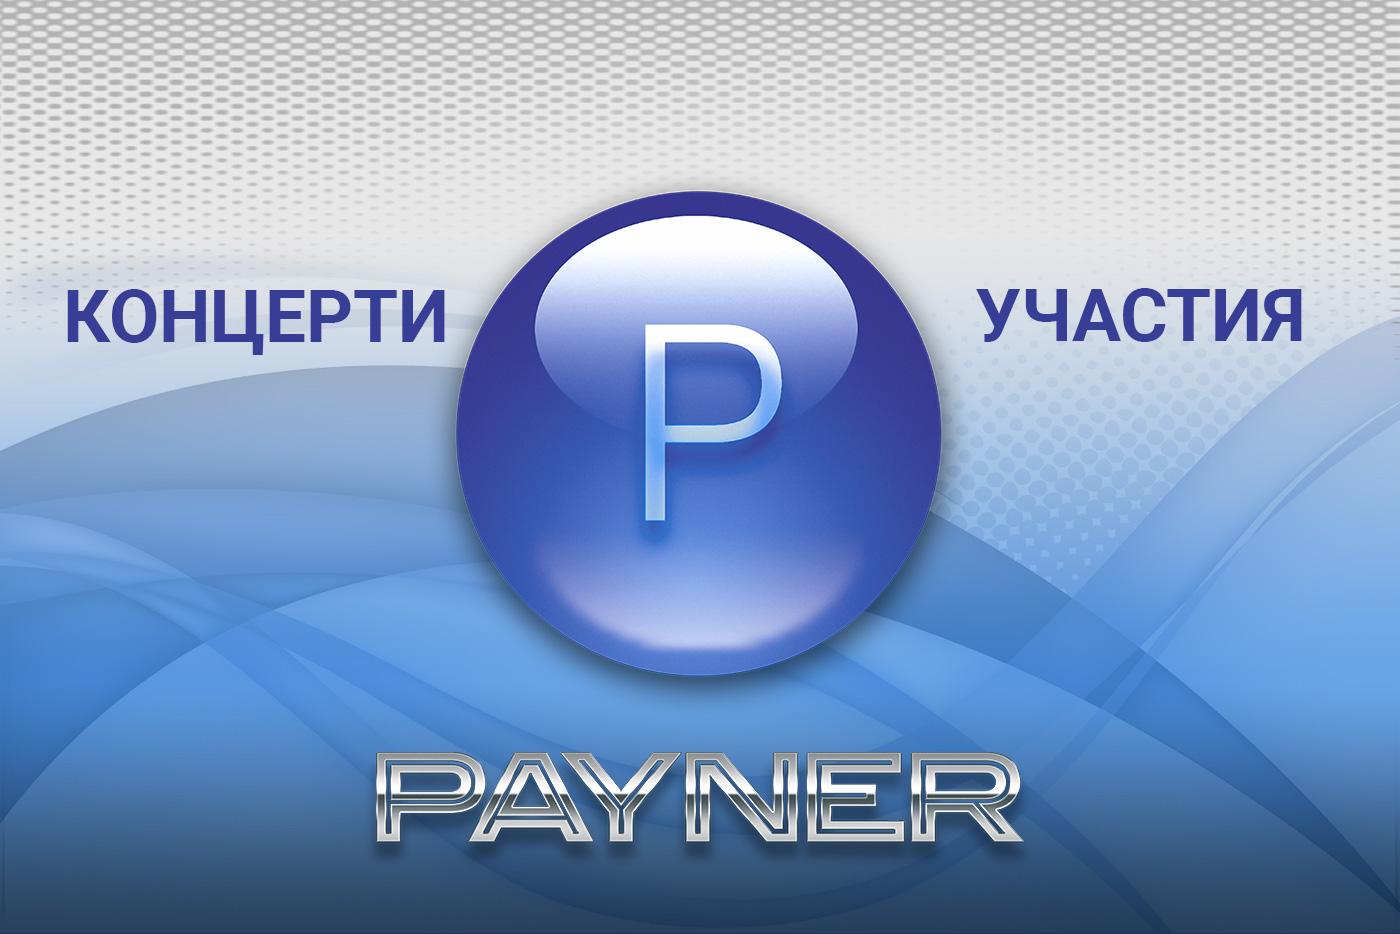 """Участия на звездите на """"Пайнер"""" на 20.05.2019"""